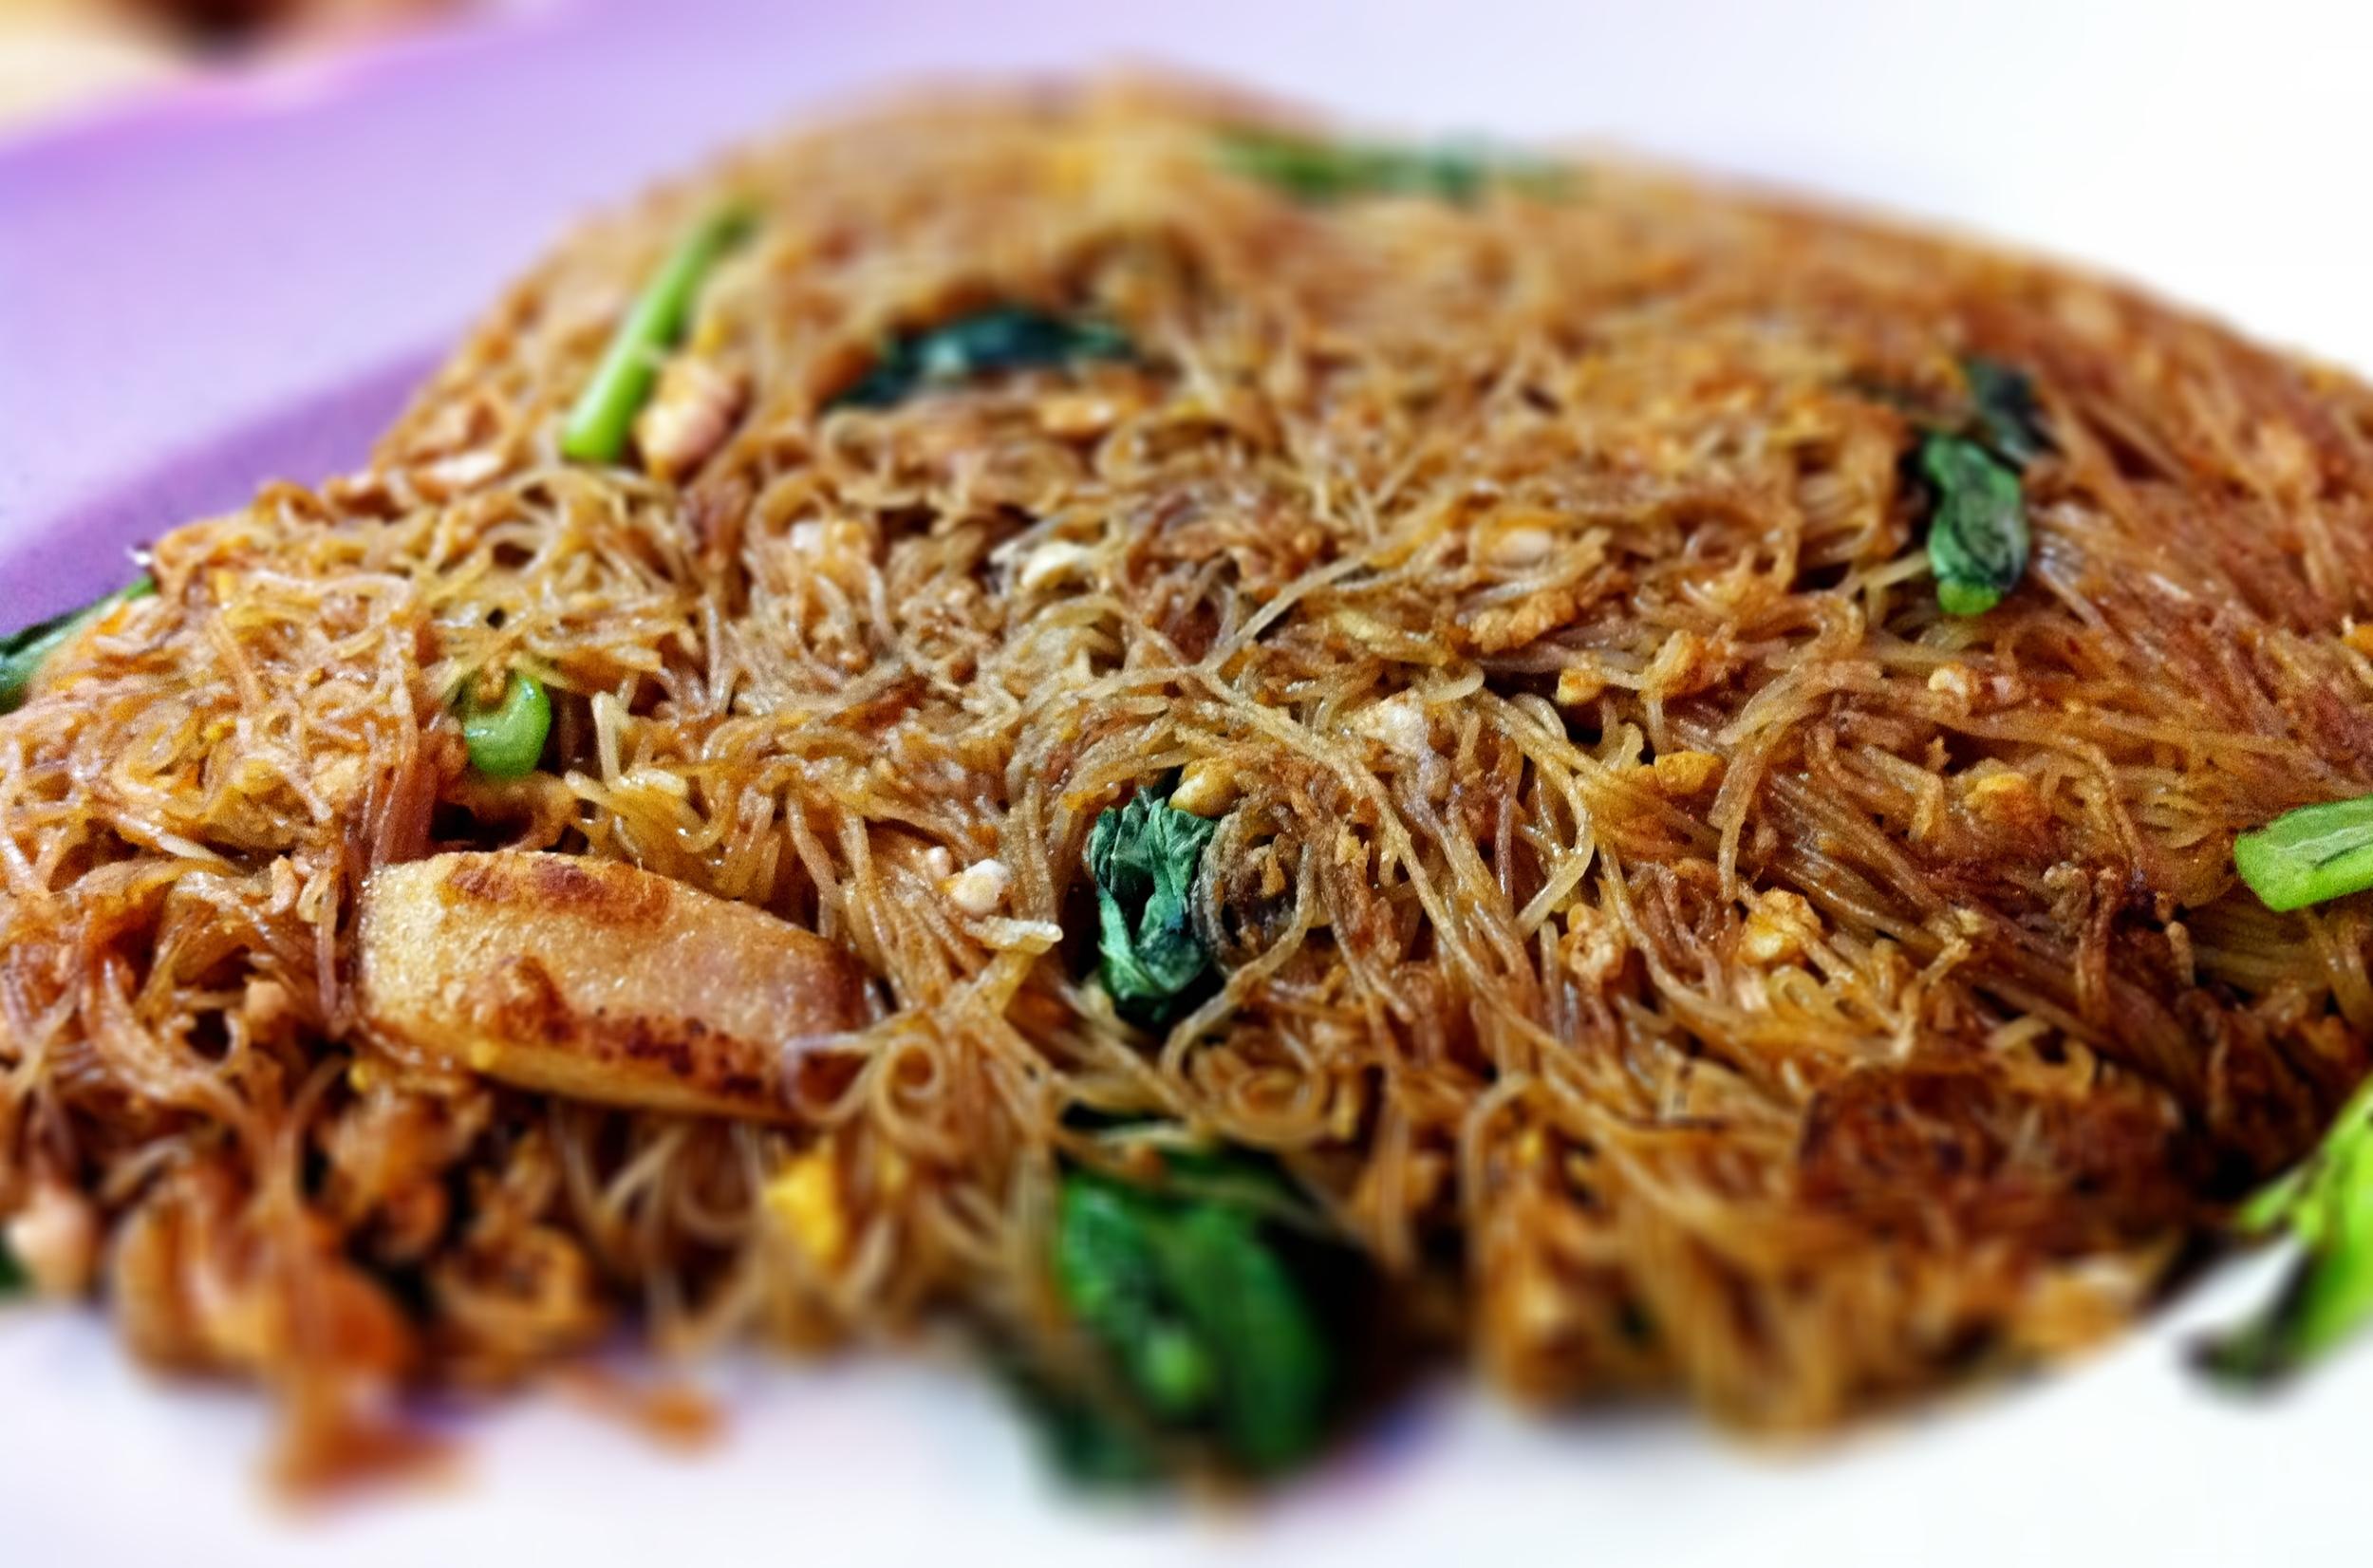 Fried vermicelli: San Low Seafood Restaurant 三楼海鲜: Jalan Biru, Taman Pelangi, 80400 Johor Bahru, Johor, Malaysia